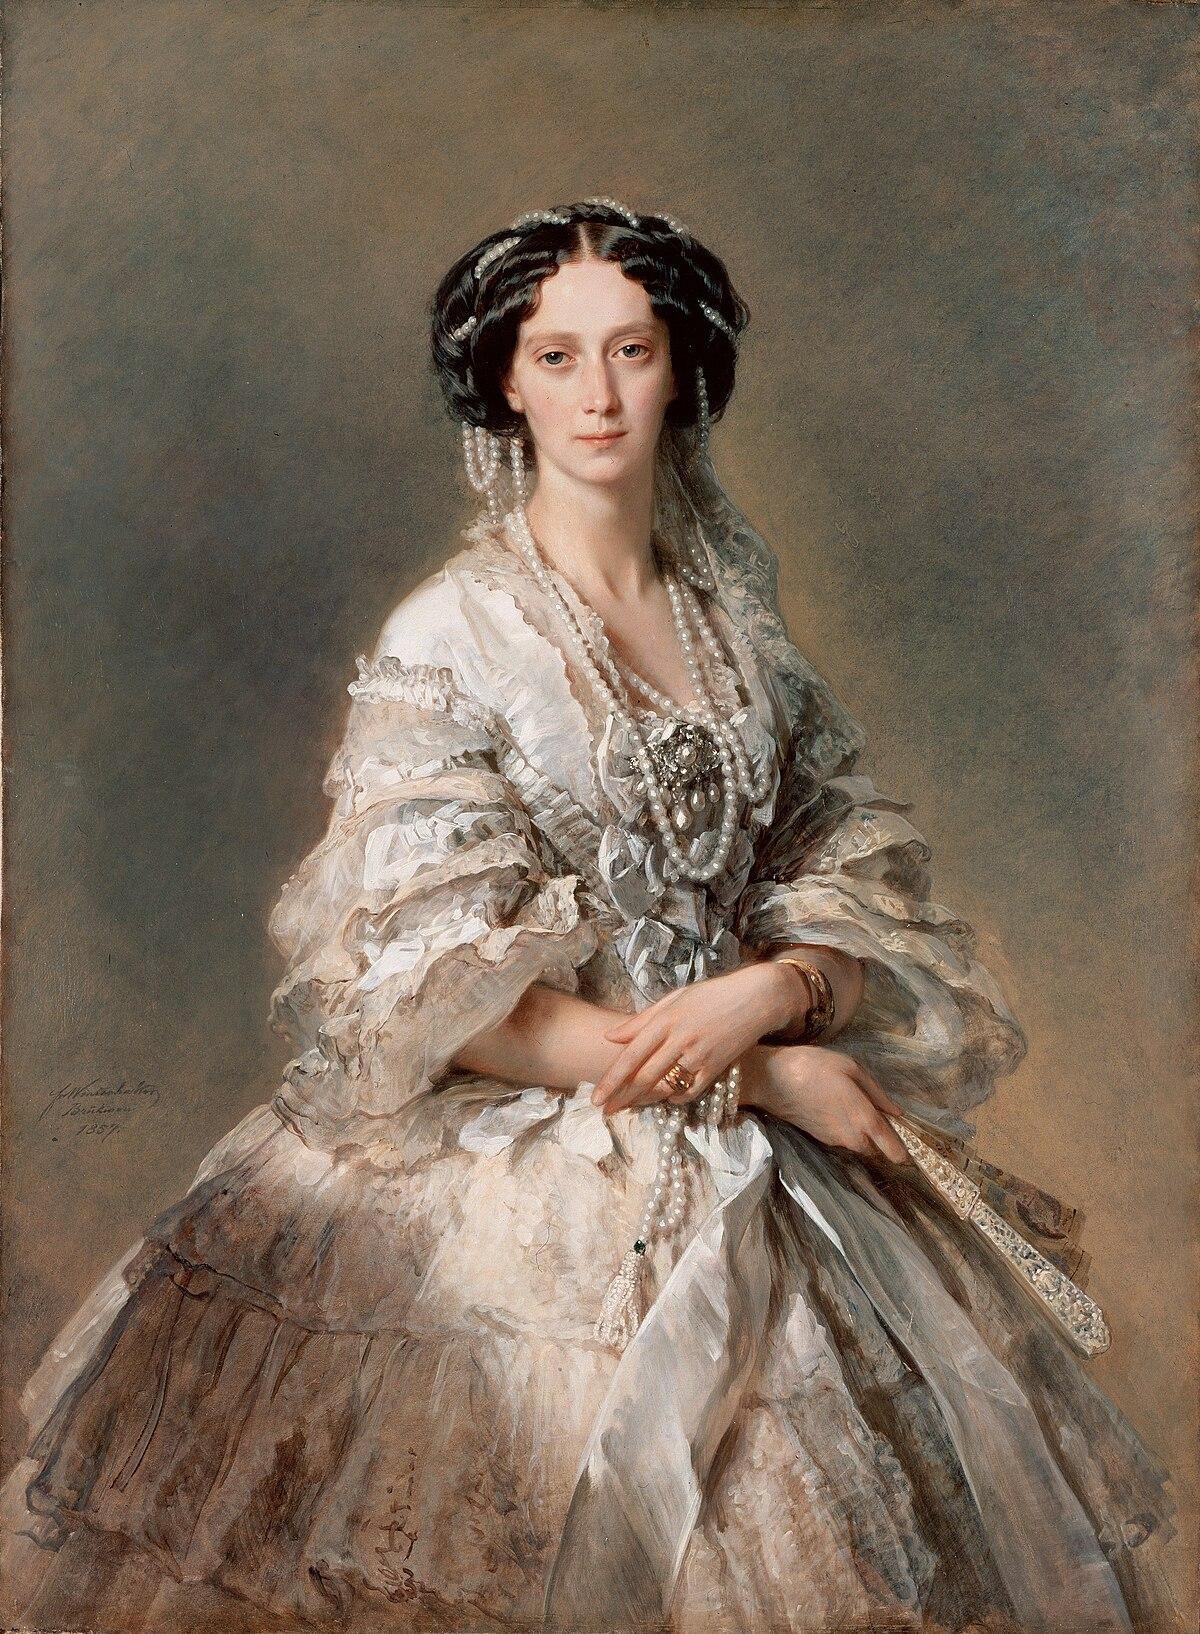 Maria AlexandrovnaPortret de Christina RobertsonMuzeul Ermitaj, 1850